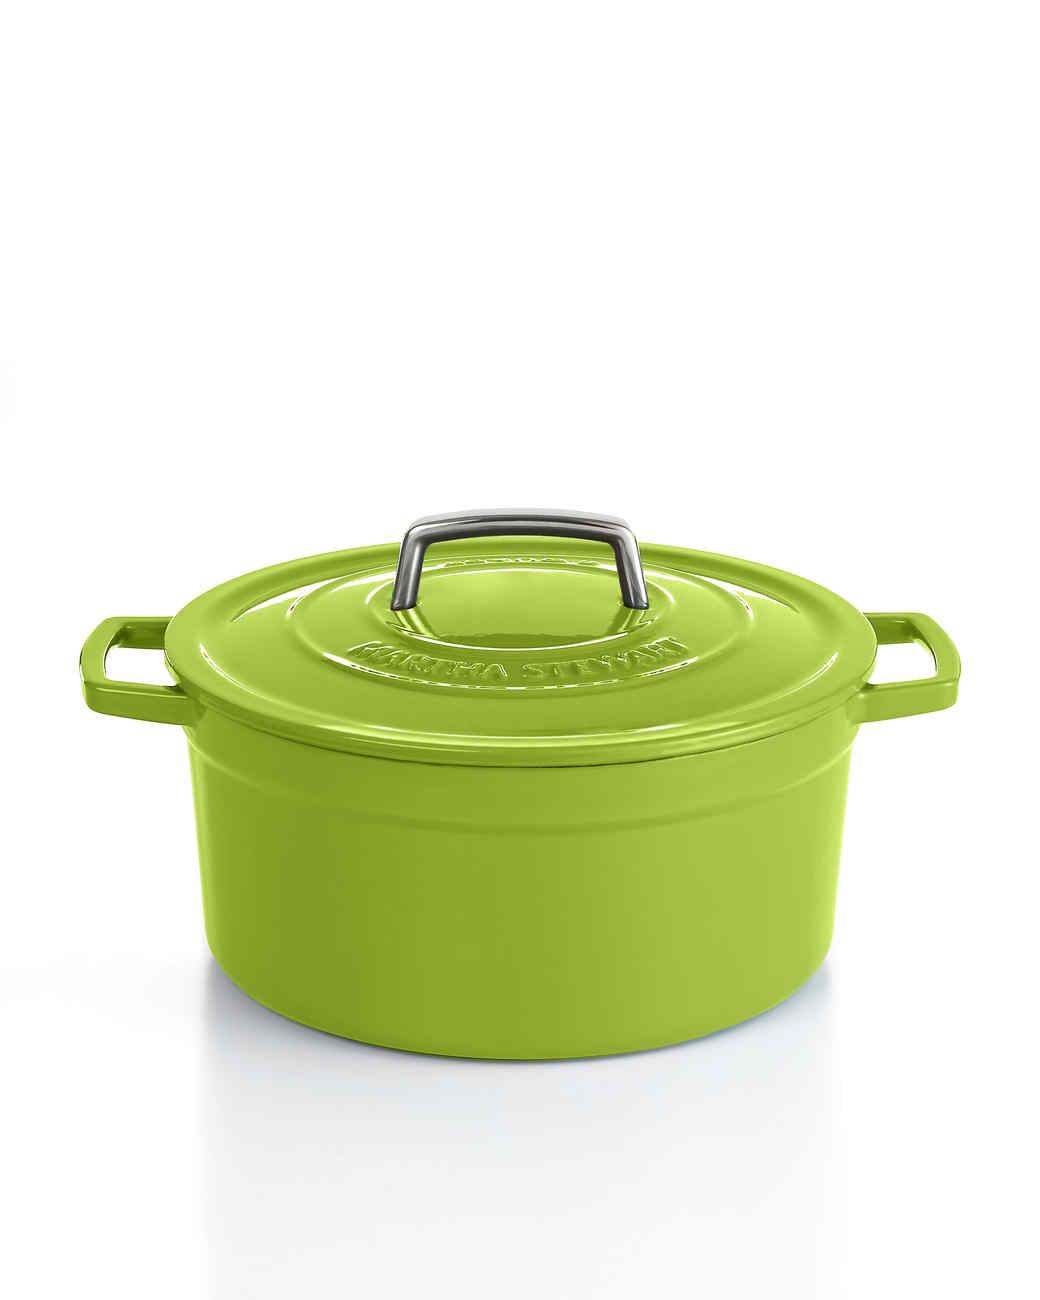 msmacys-eci-greenapple6qt-retail-0214.jpg